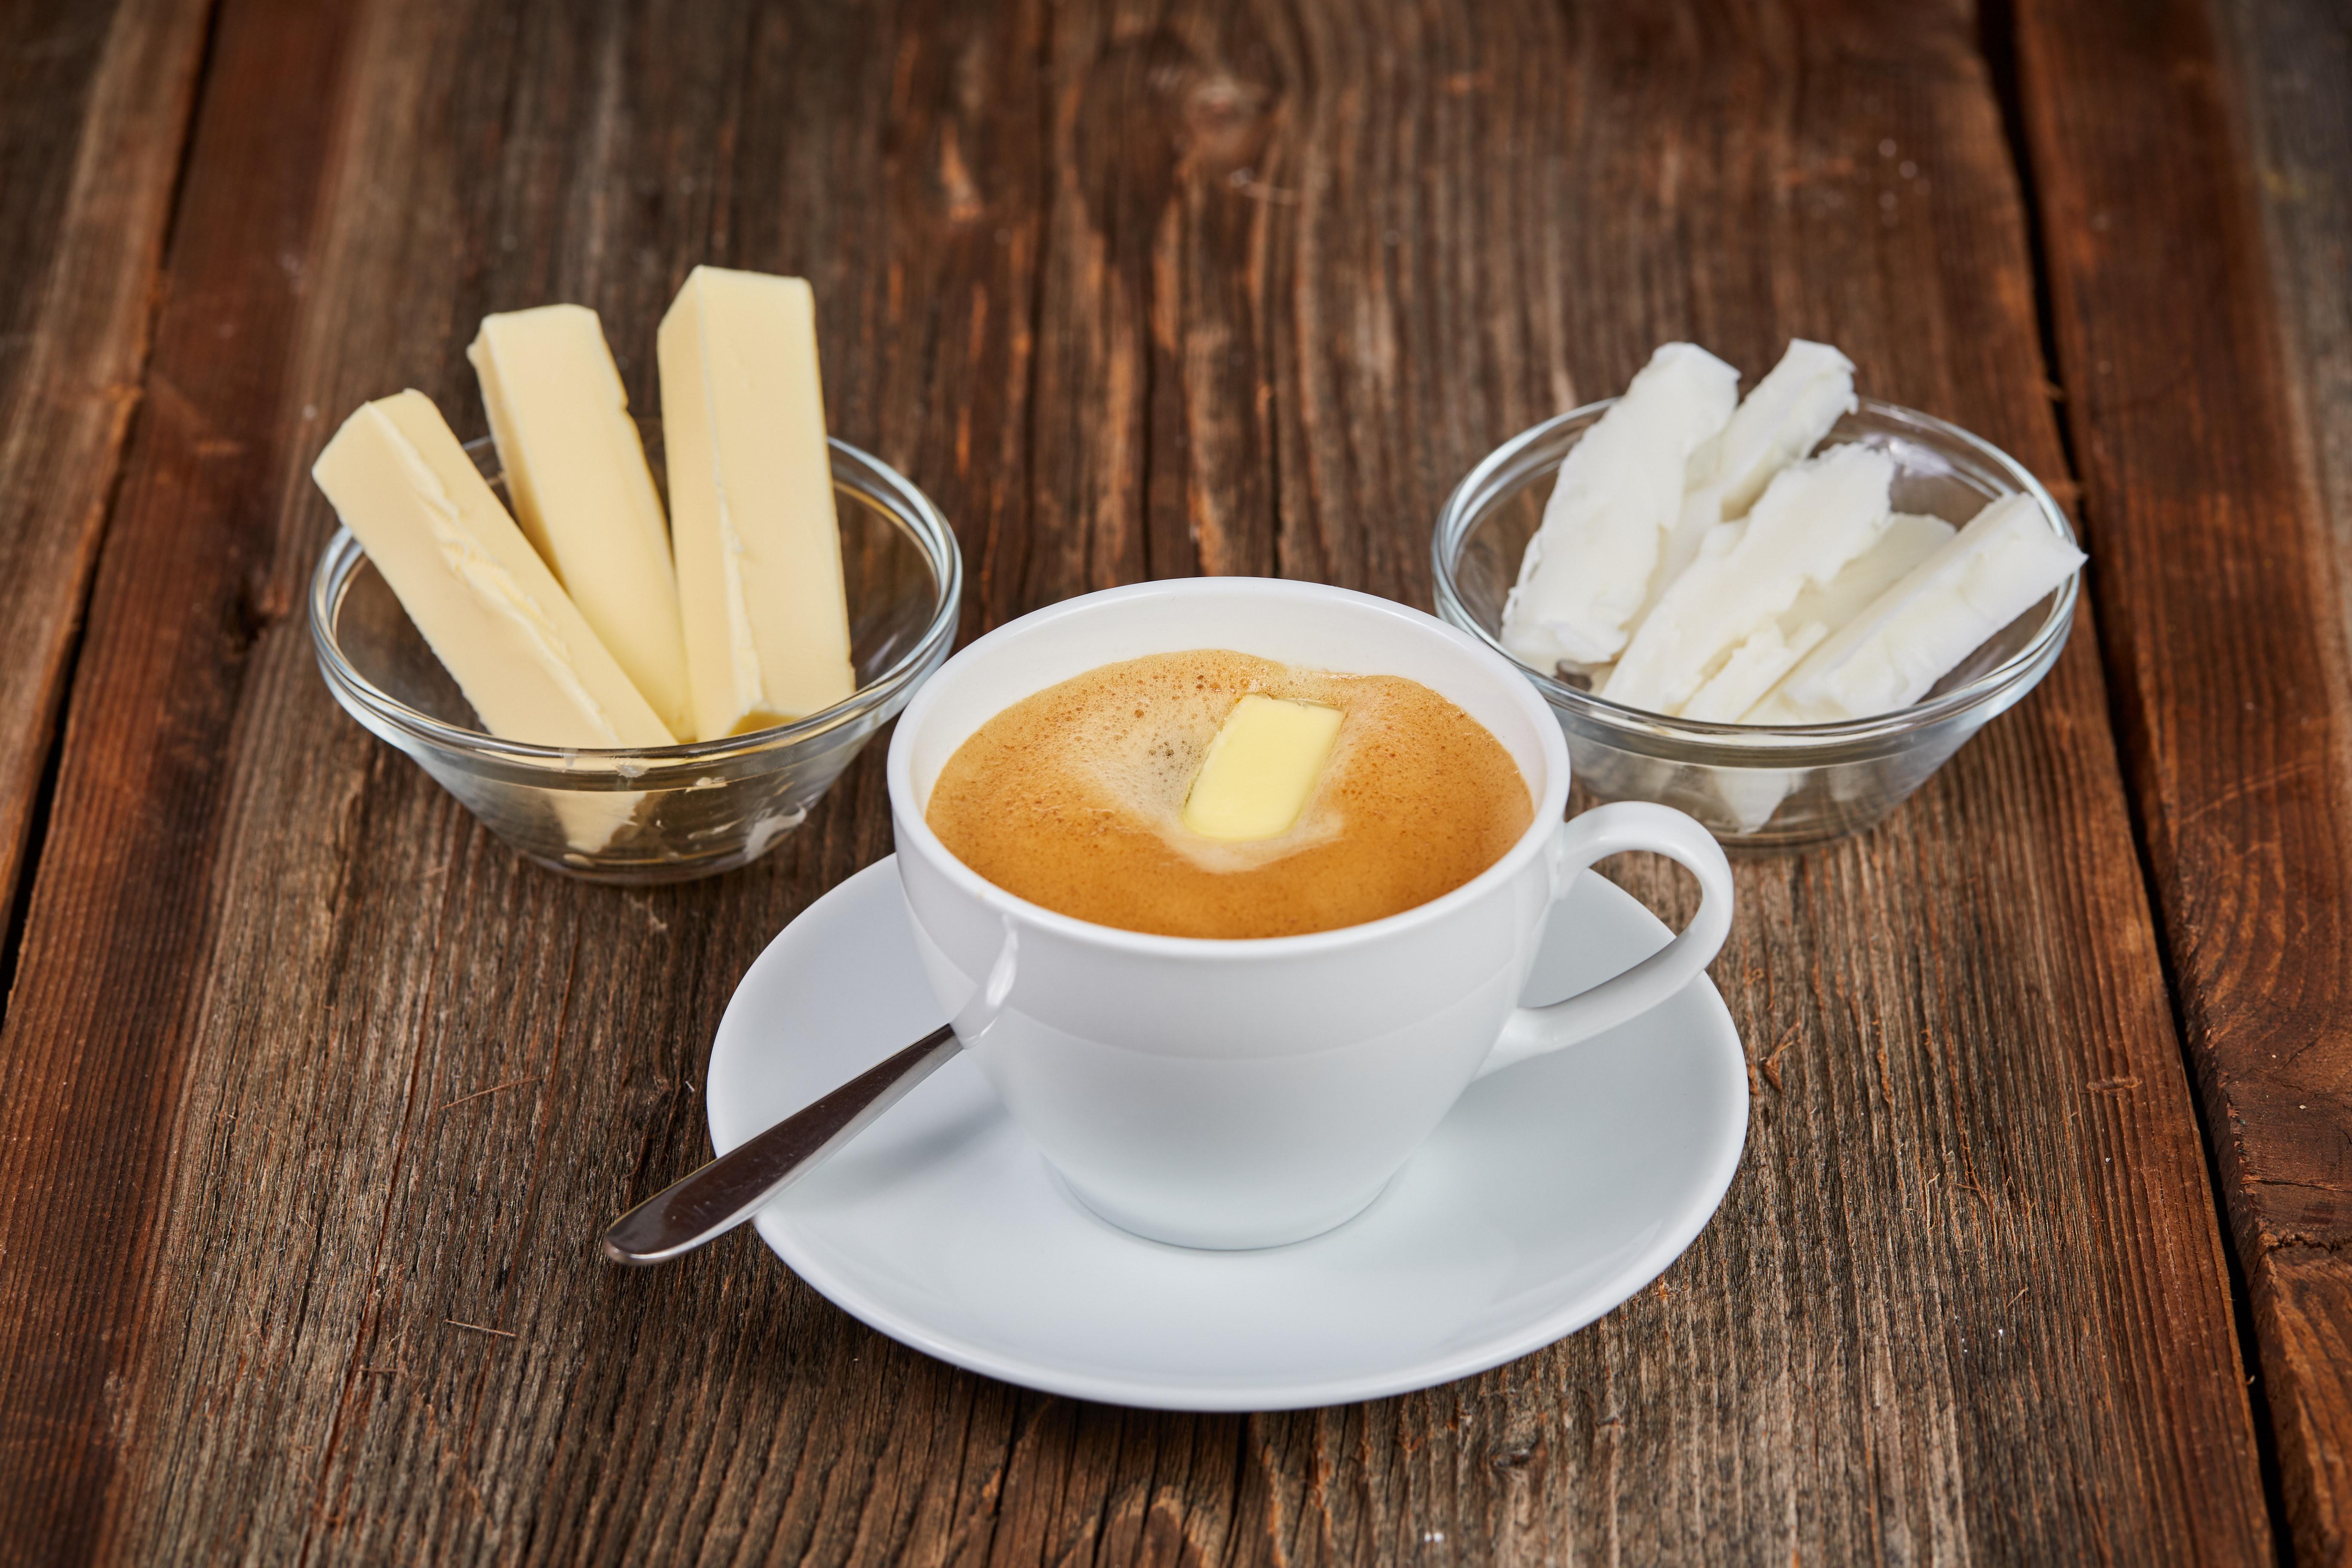 Bulletproof Kaffe Boost Din Mentale Klarhed Sundhed Kaffe Smag Smagkaffen Kaffetips